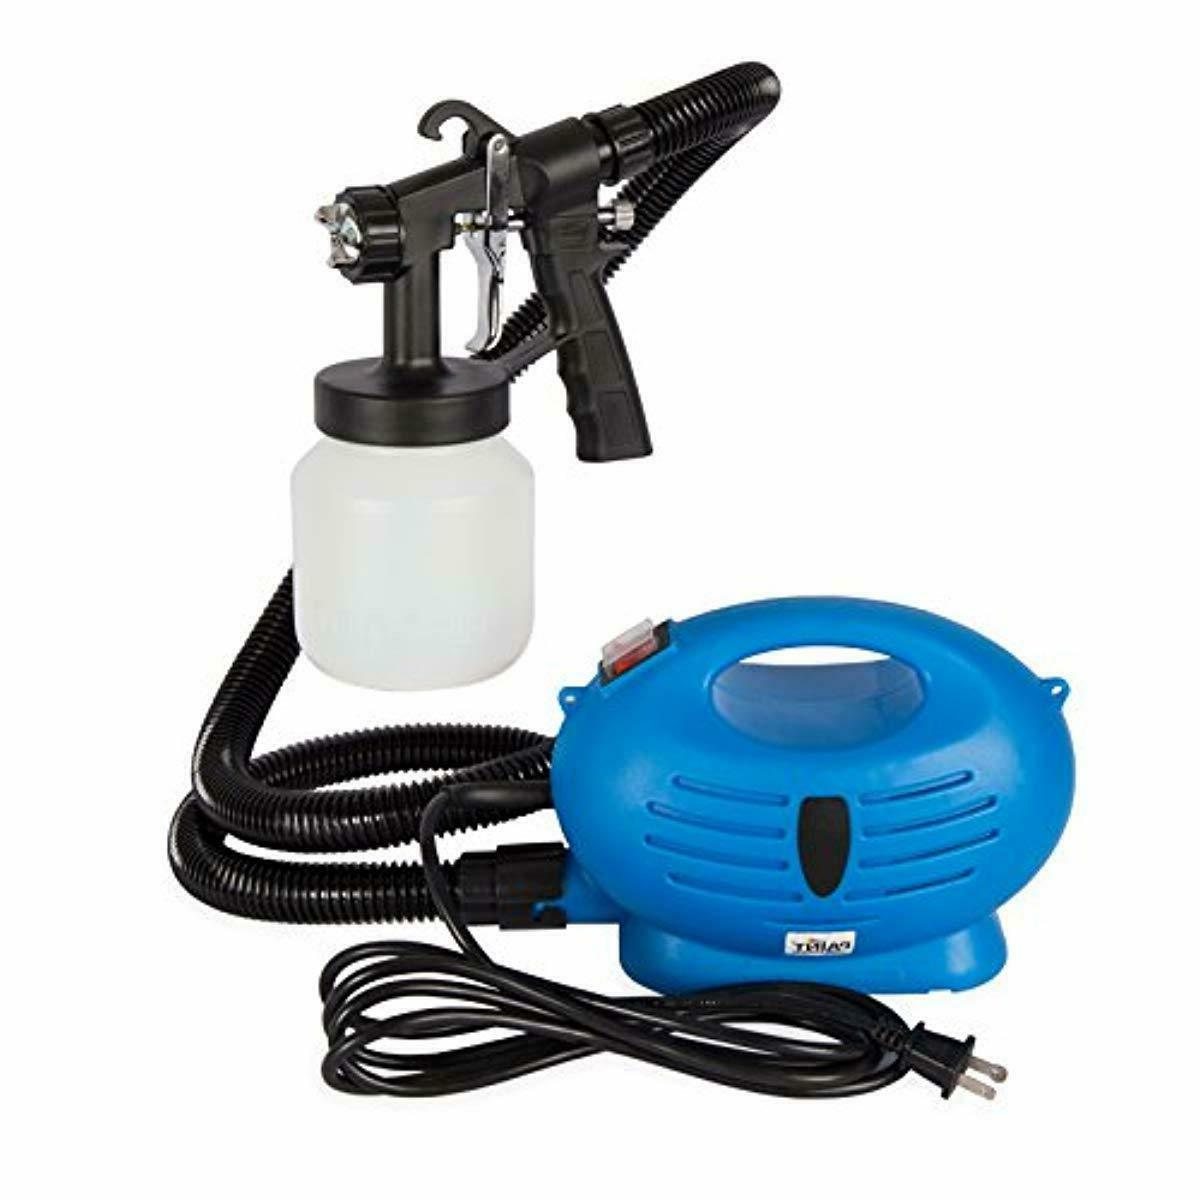 sprayer gun pressure painting tool indoor outdoor